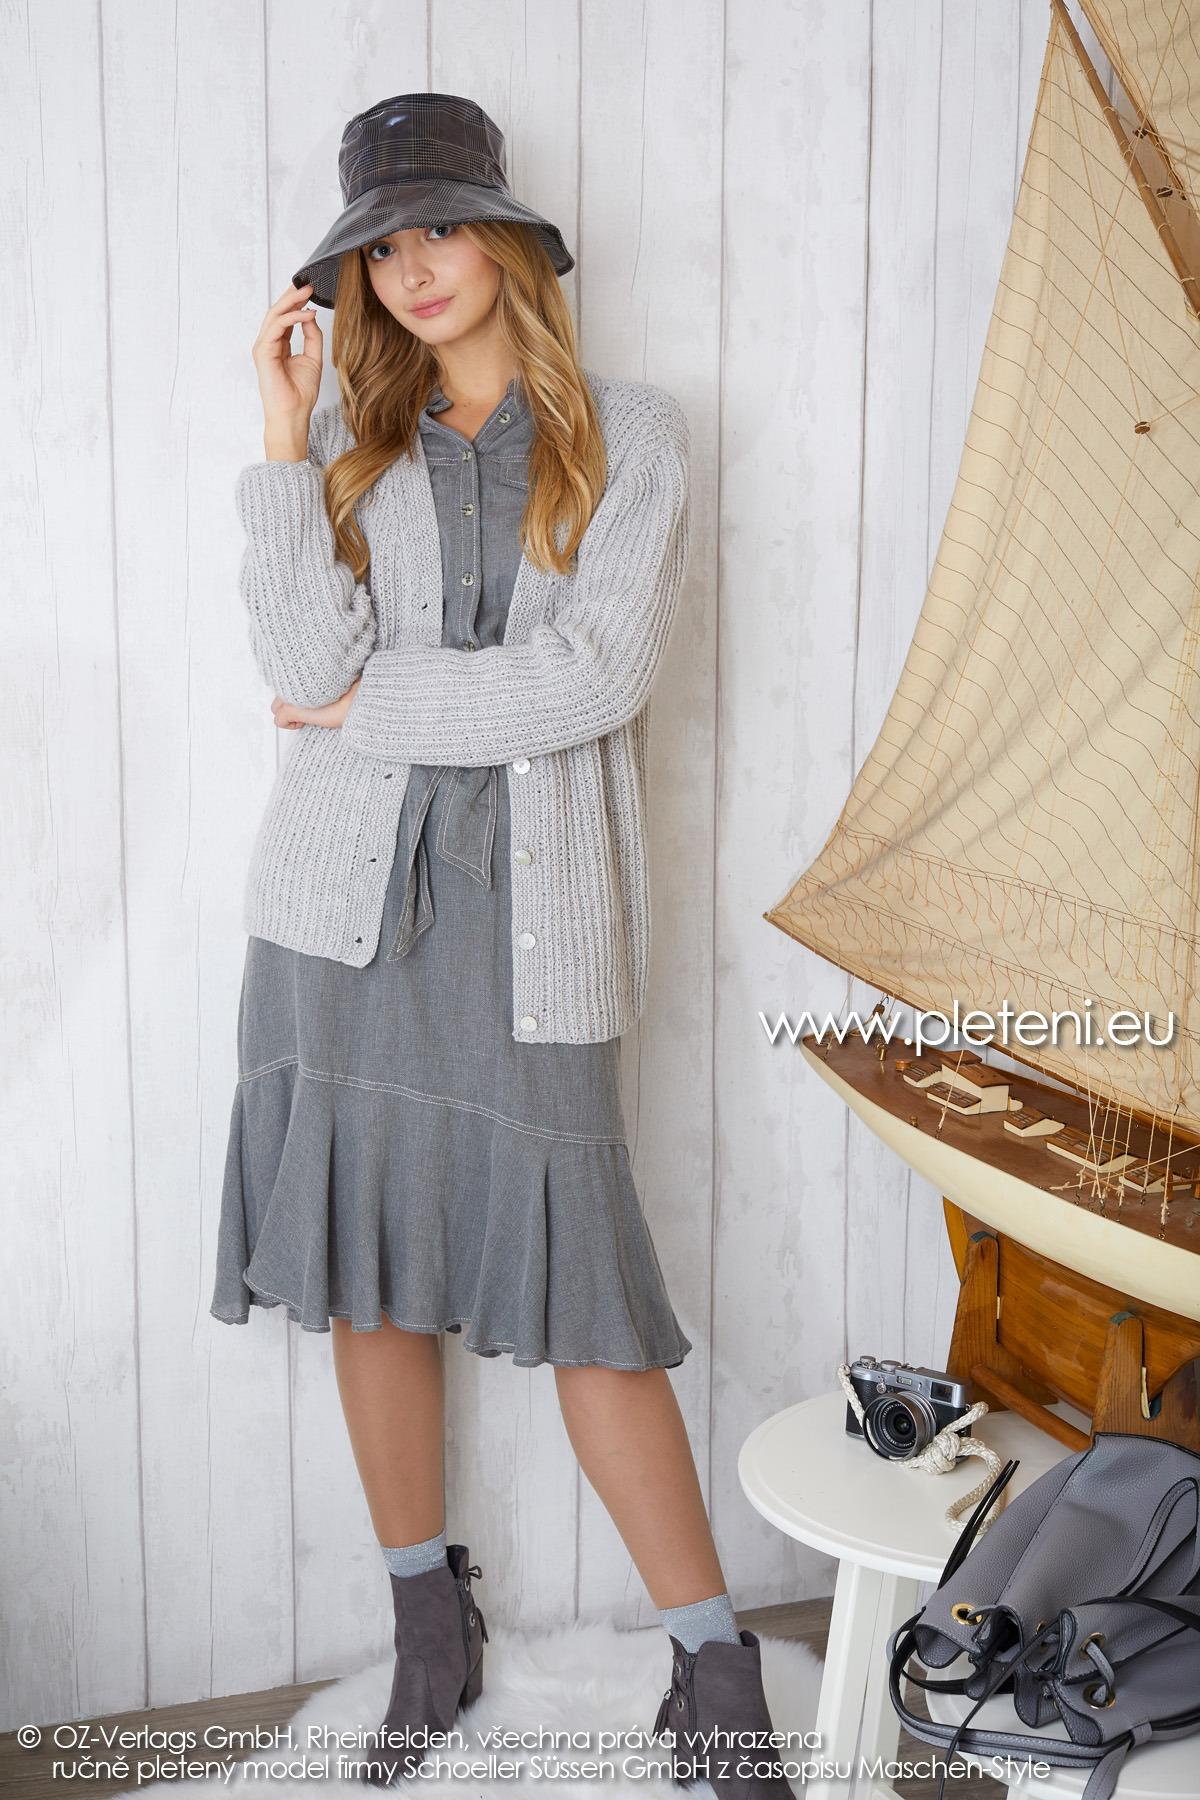 2019-Z-14 pletený dámský kabátek z příze Cashmere Pure značky Austermann